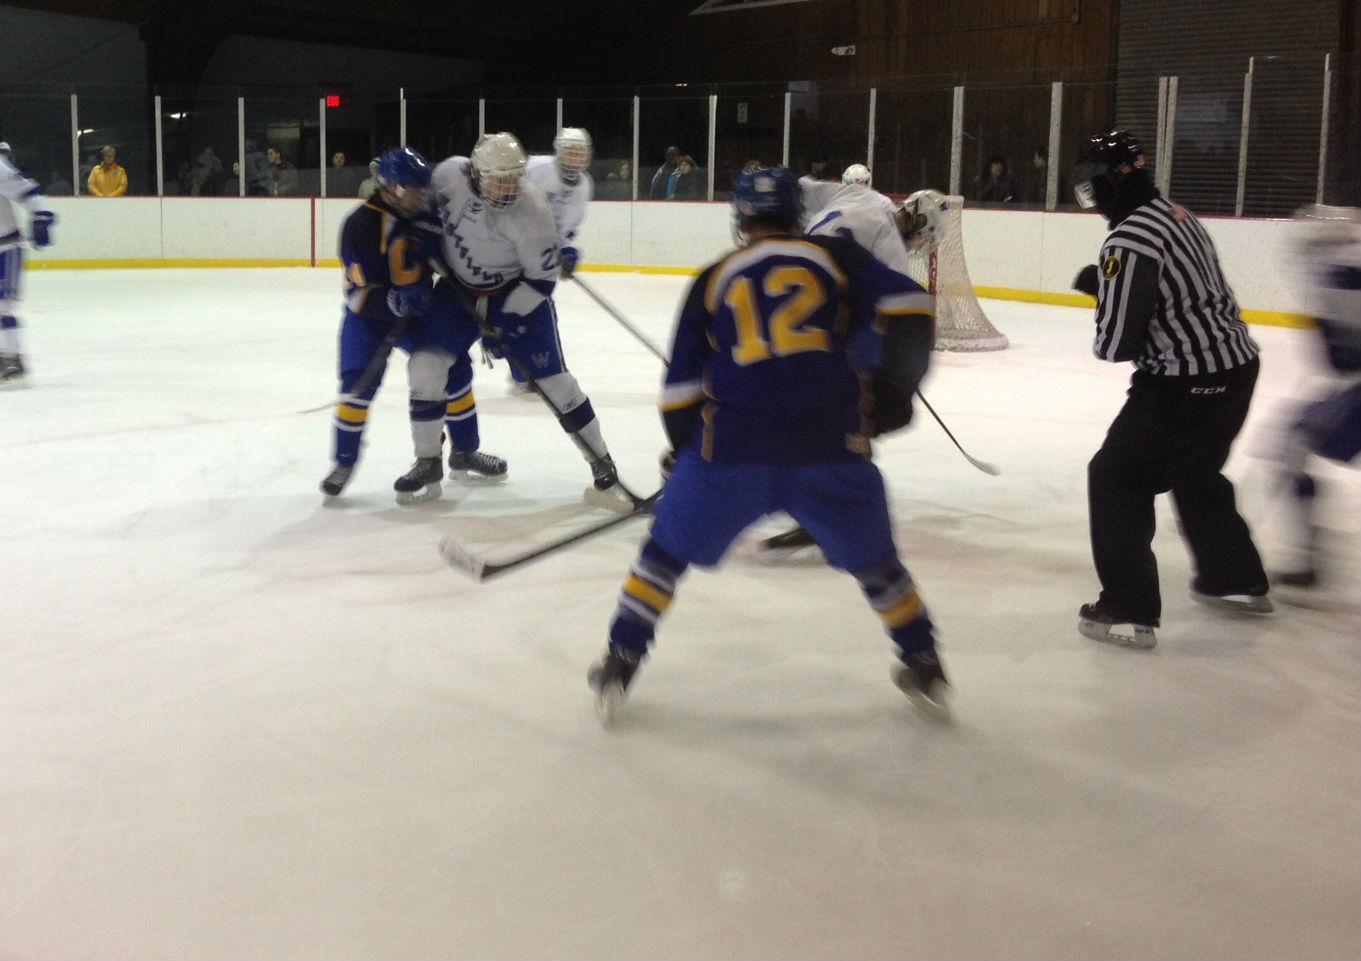 c3afbfaffb8e4efa9bac_hockey_2.jpg